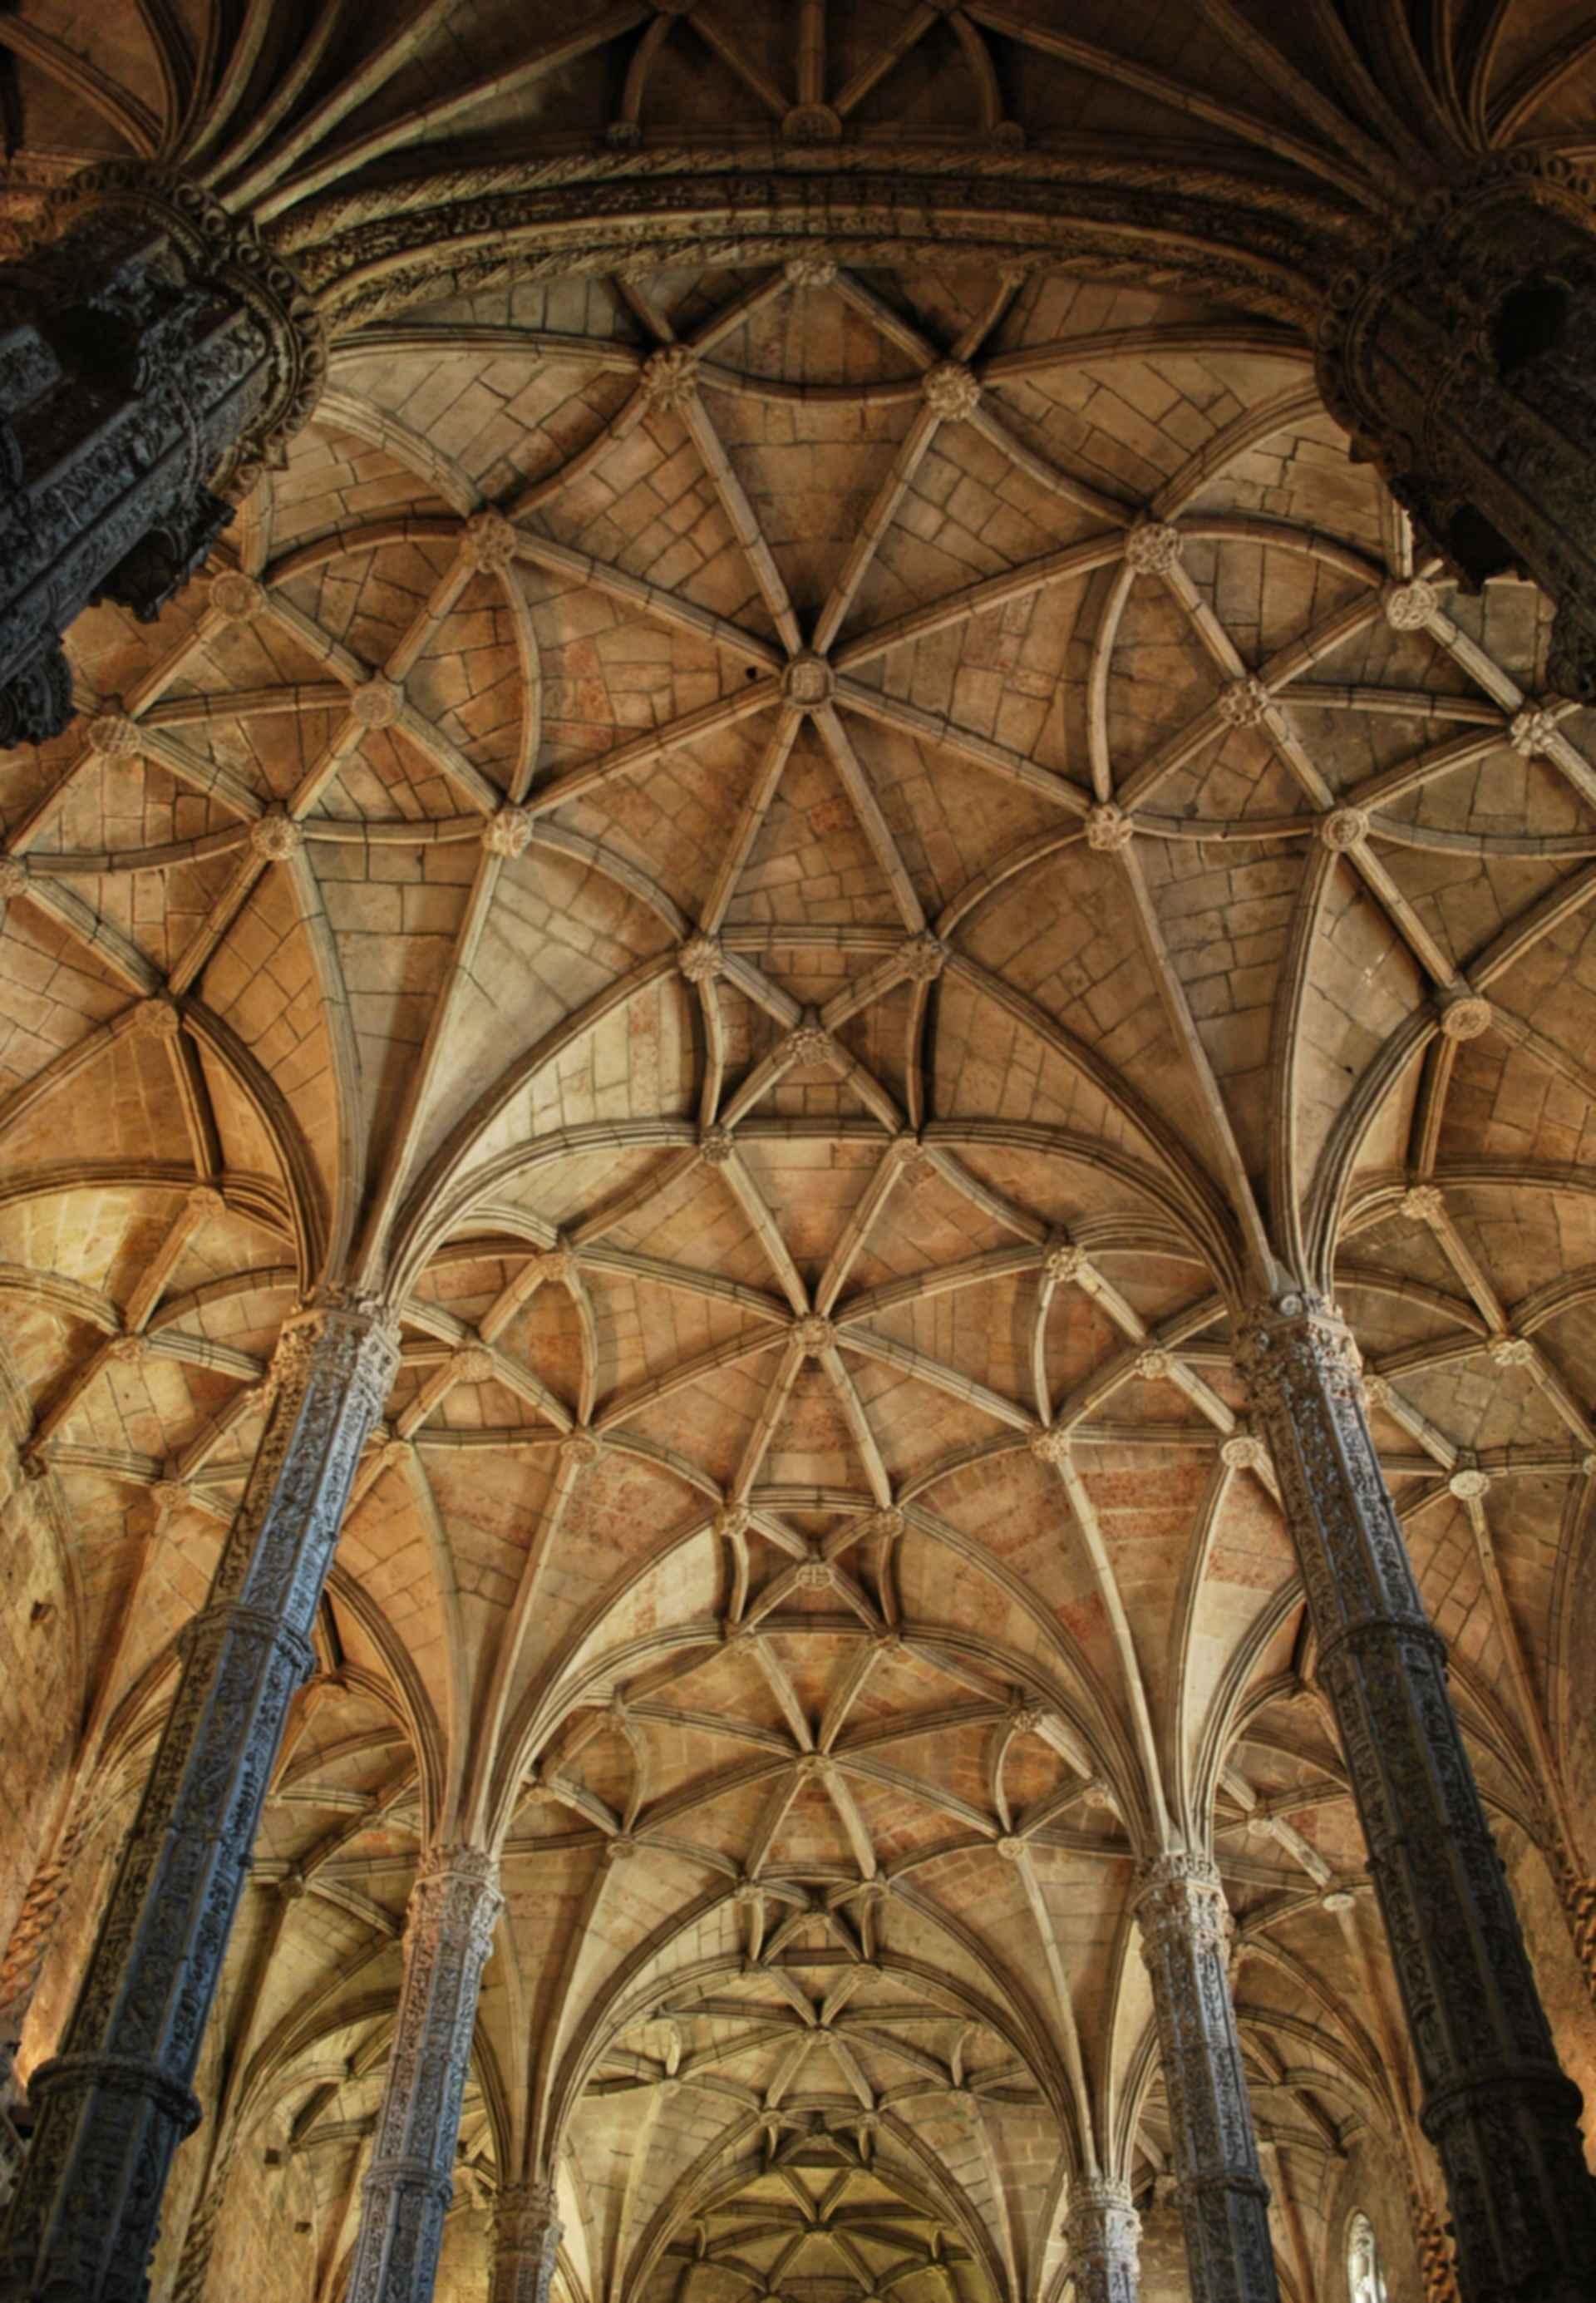 Jeronimos Monastery - Ceiling